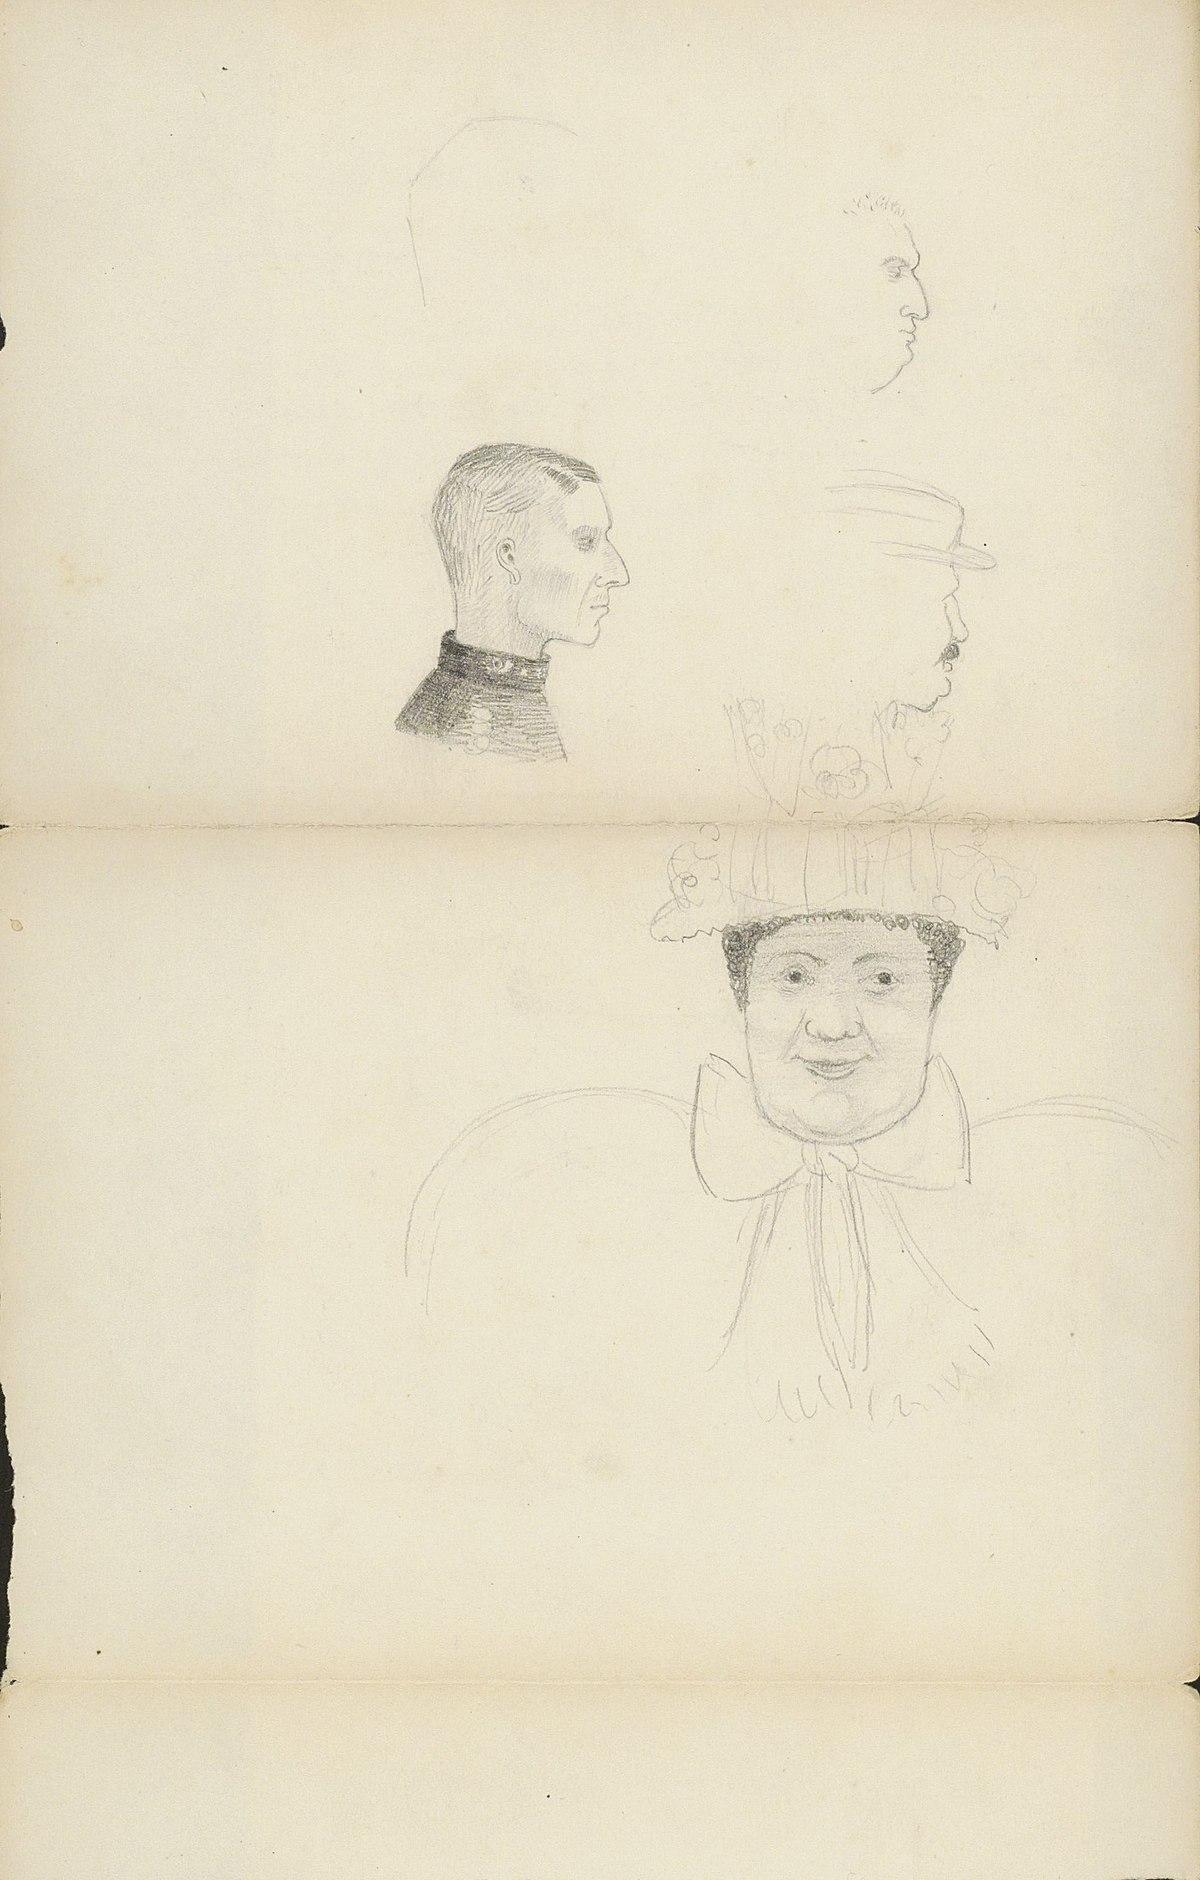 File:Mannenkoppen en een karikaturale kop van een man met ...